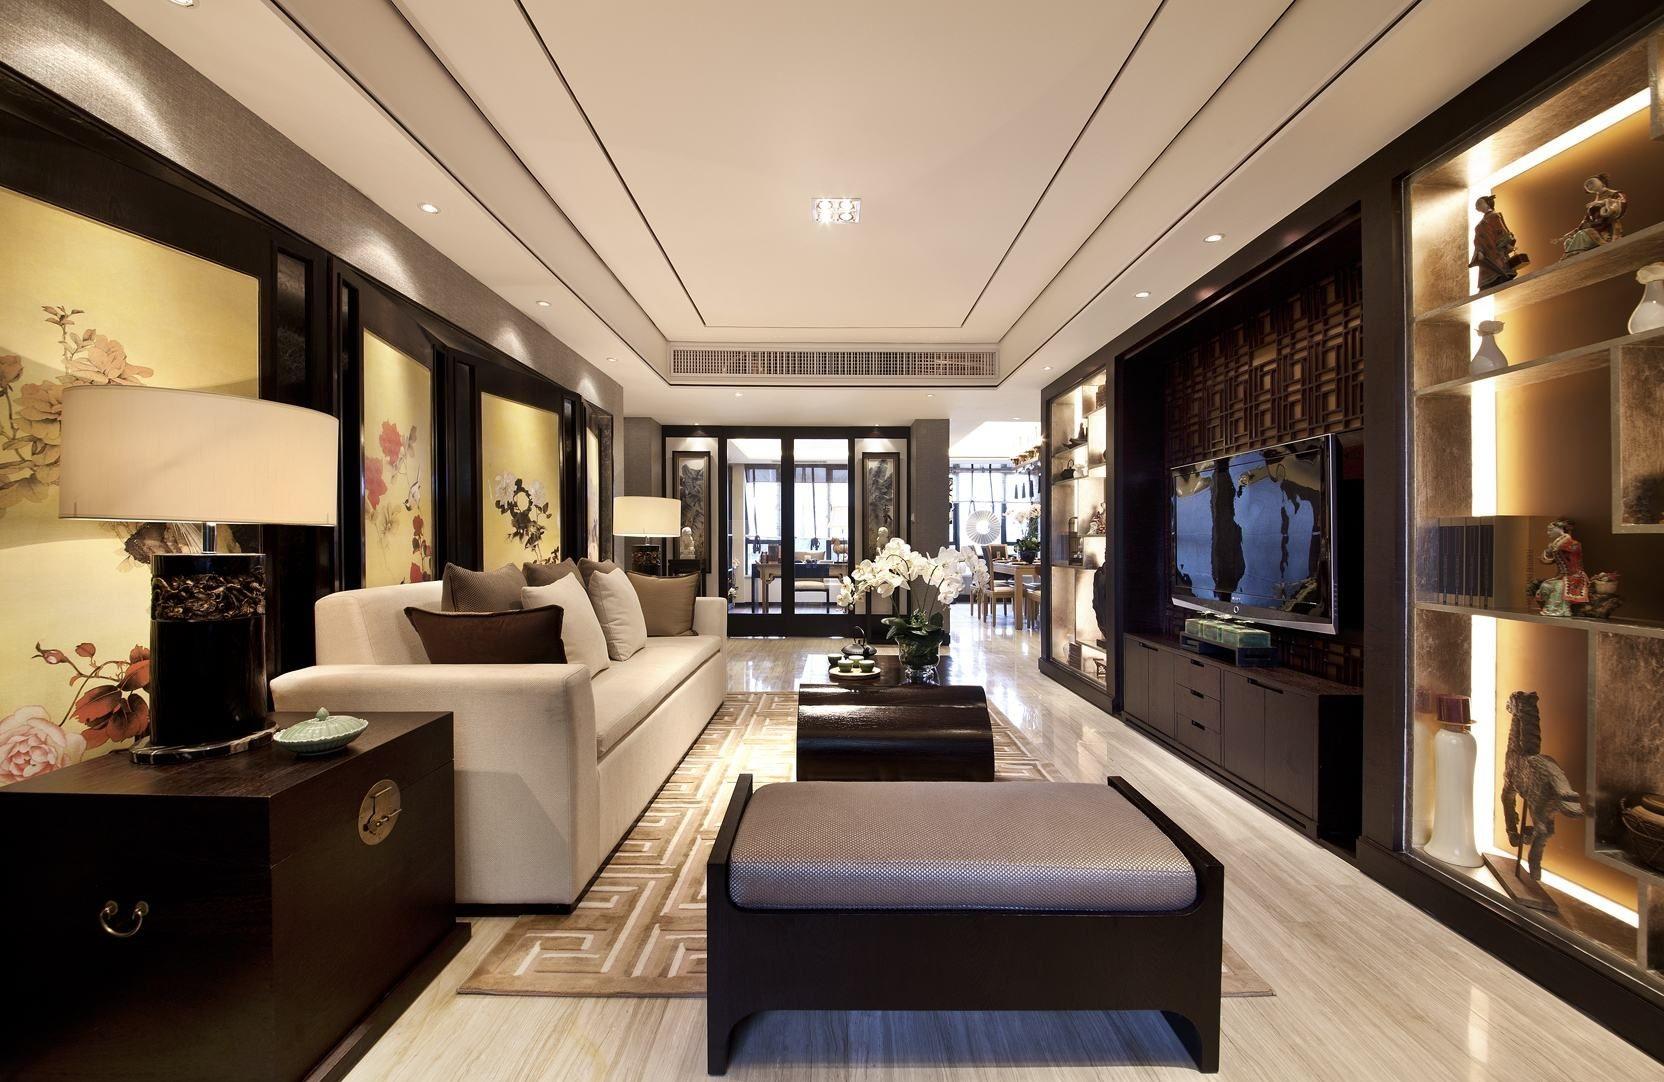 客厅整体看起来都以亮色的基调再配上深色加以点缀,圆形吊顶以荷花的图案来装饰,很有立体的画面感